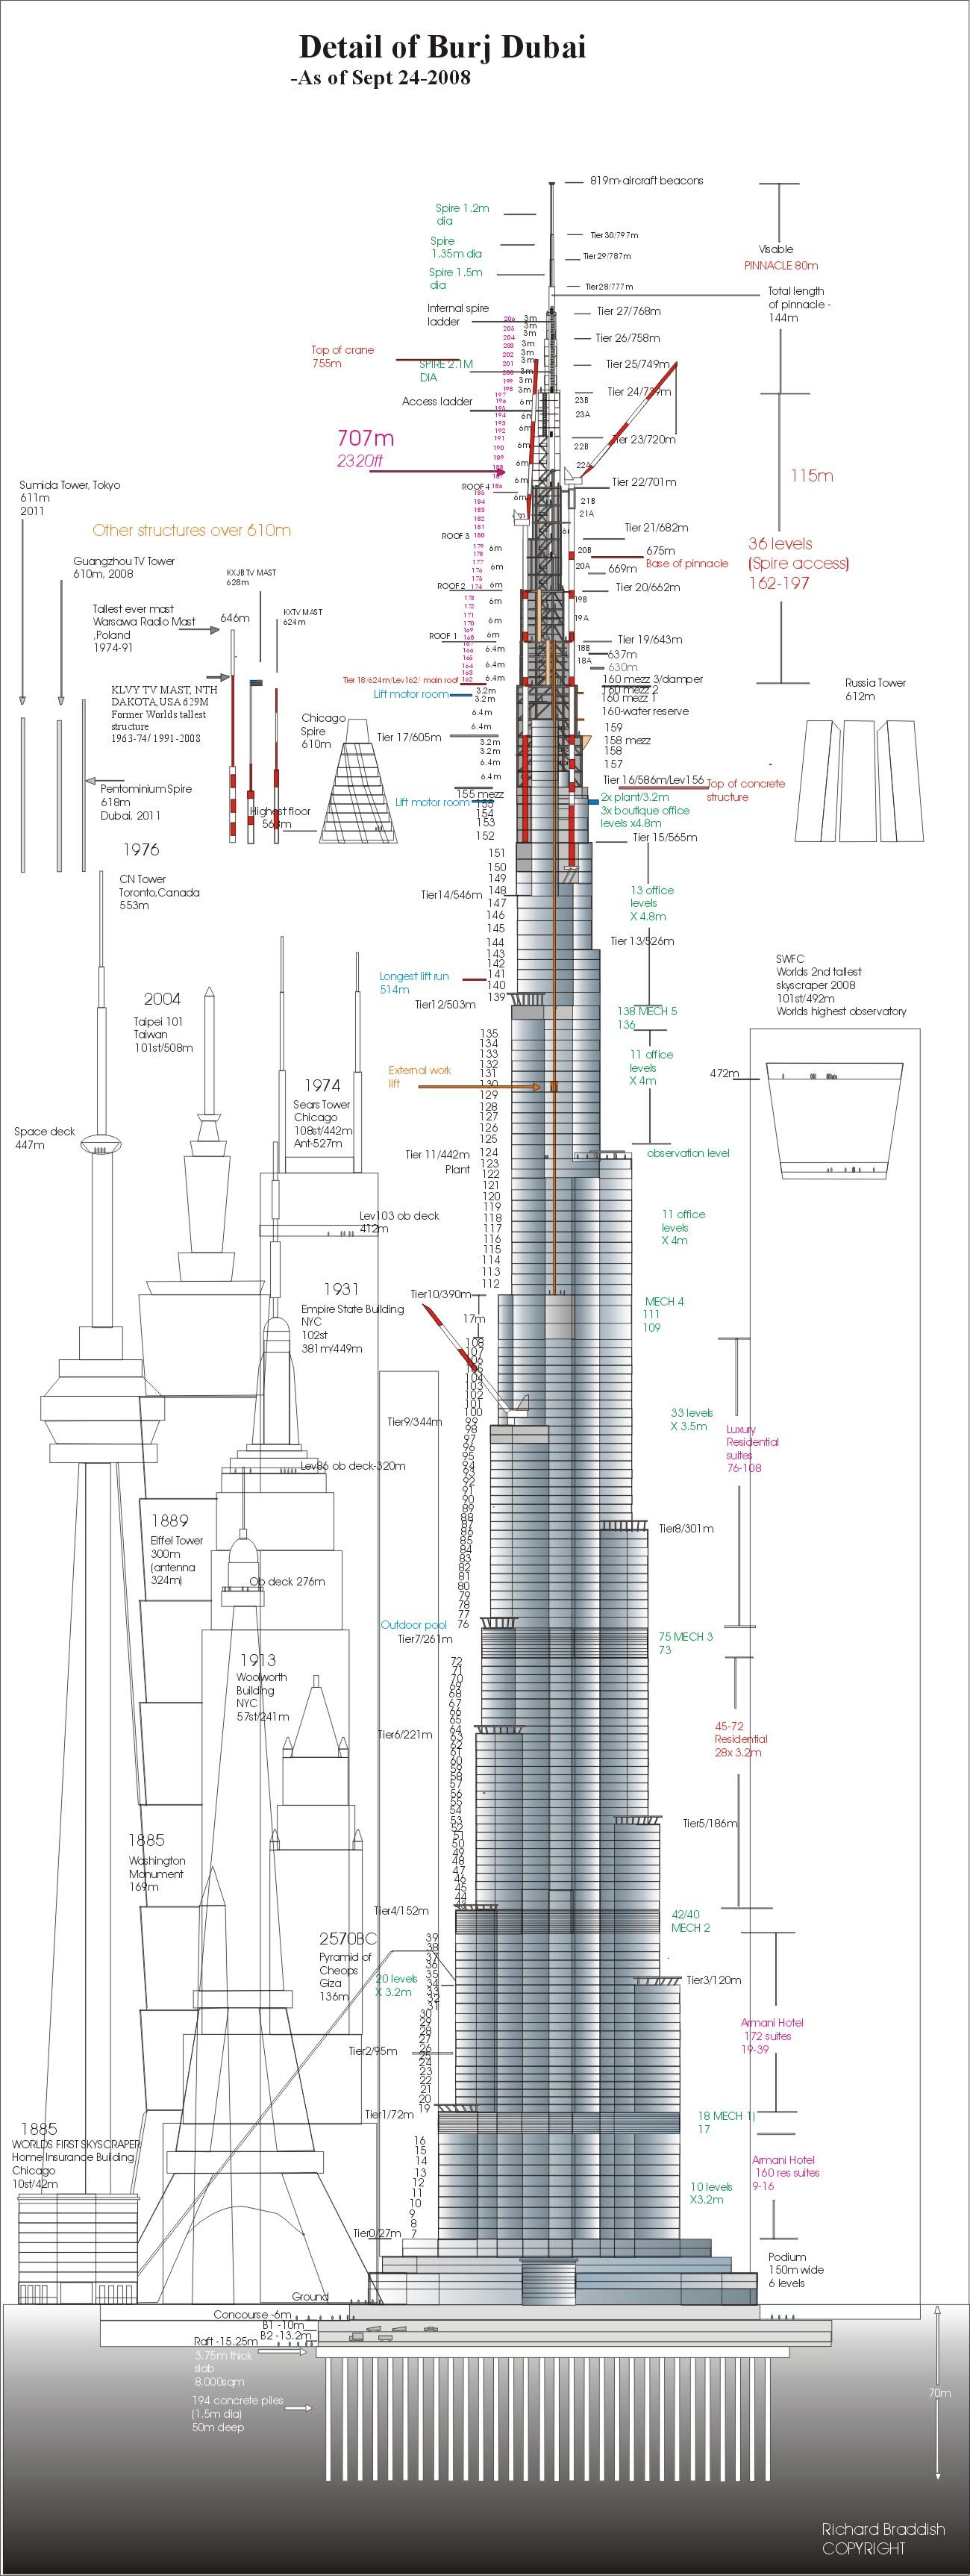 Burj Dubai Height Details Or Burj Dubai